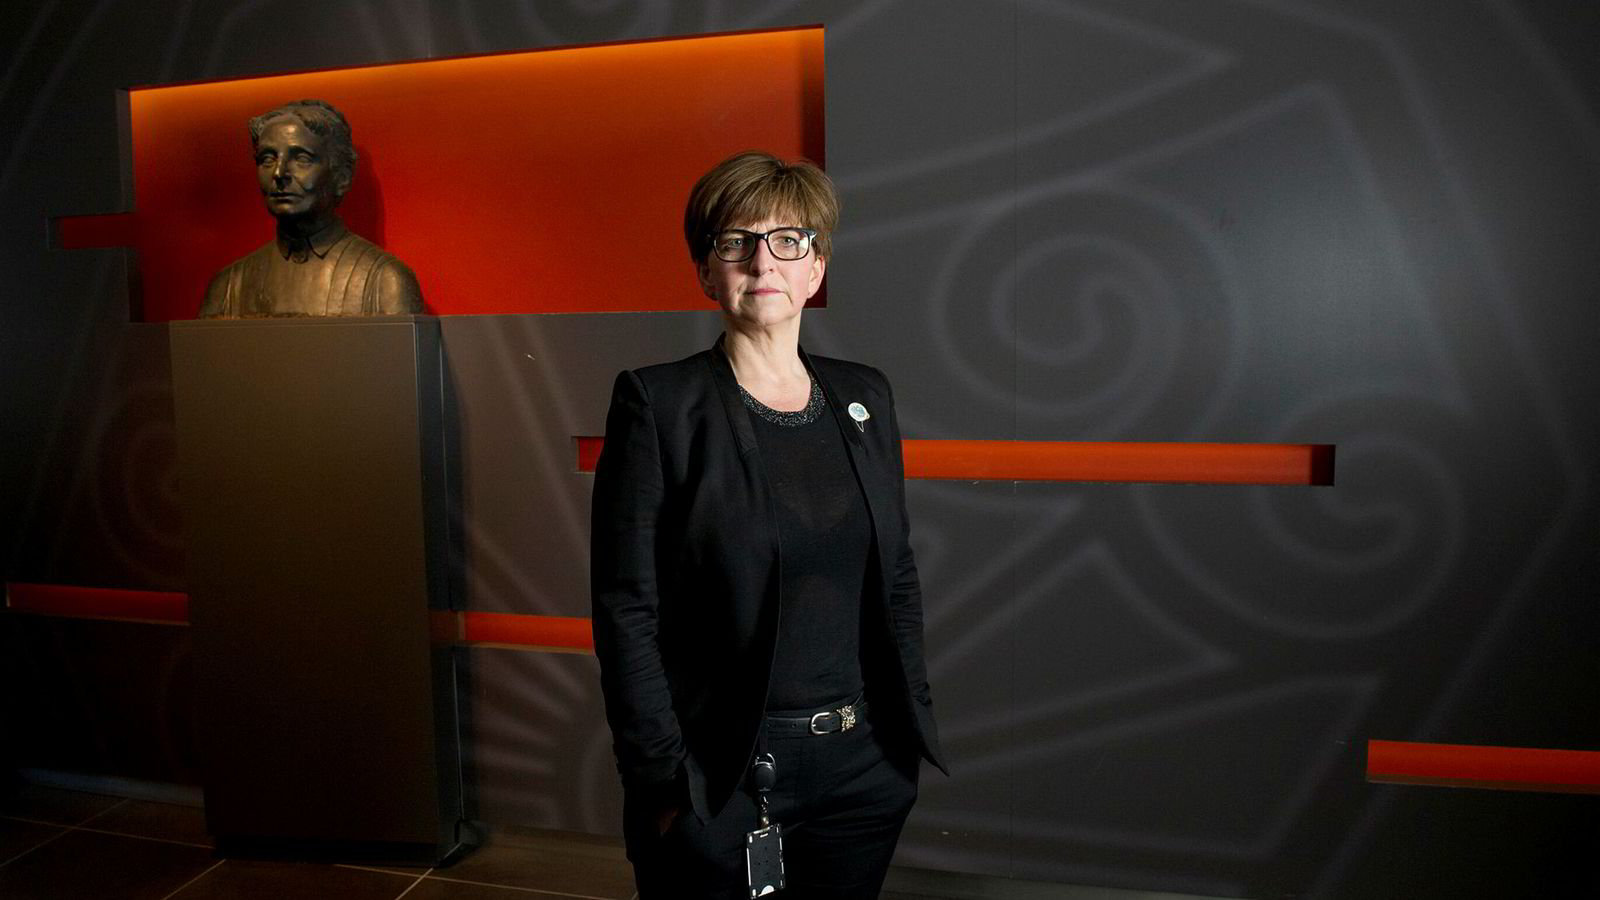 Å utlyse hele stillinger er et viktig sted å starte for å bøte på sykepleiermangel, mener Sykepleierforbundets Eli Gunhild By.